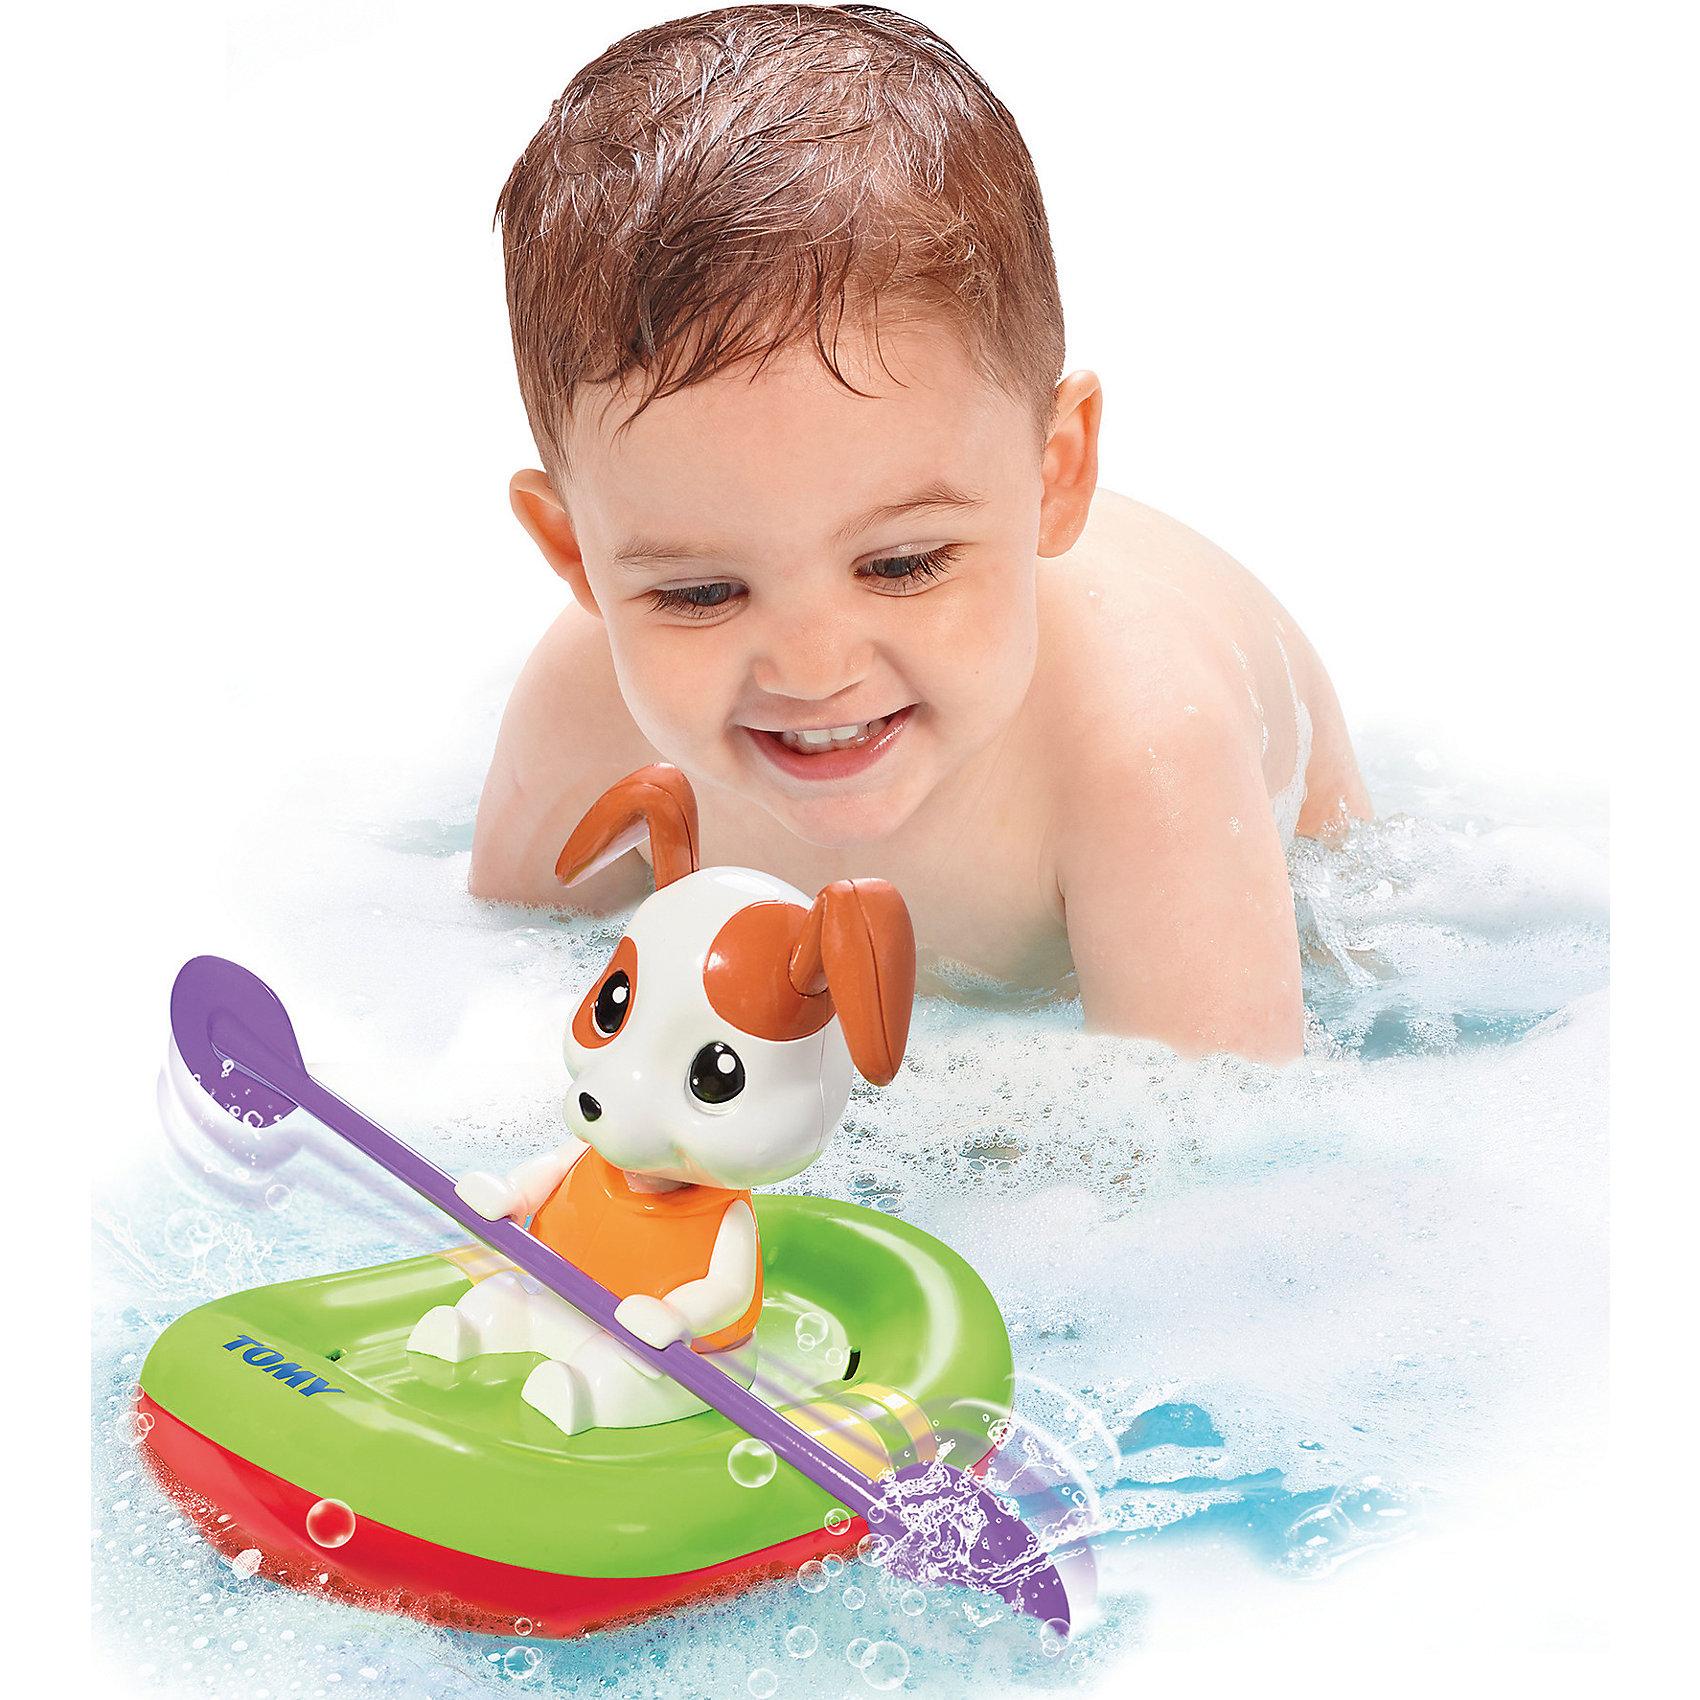 Игрушка для ванны Щенок на лодке, TOMYХарактеристики игрушку для ванны Щенок на лодке: <br><br>- возраст: от 10 месяцев<br>- пол: для мальчиков и девочек<br>- комплект: щенок, лодка.<br>- материал: пластик.<br>- размер упаковки: 21 * 21 * 19 см.<br>- упаковка: картонная коробка открытого типа.<br>- страна обладатель бренда: Великобритания.<br><br>Заводная игрушка для ванны Щенок в лодке поможет сделать процесс купания для малыша более увлекательным. Очаровательный щенок с висячими ушками сможет понравиться каждому ребенку. Эта собачка умеет грести и обожает плескаться. Достаточно сделать пару оборотов заводного механизма, после чего щенок начнет наворачивать круги по воде. Такая игрушка принесет море положительных эмоций малышу во время купания.<br><br>Игрушка для ванны Щенок на лодке торговой марки Tomy (Томи) можно купить в нашем интернет-магазине.<br><br>Ширина мм: 208<br>Глубина мм: 236<br>Высота мм: 215<br>Вес г: 358<br>Возраст от месяцев: 10<br>Возраст до месяцев: 36<br>Пол: Унисекс<br>Возраст: Детский<br>SKU: 4599020